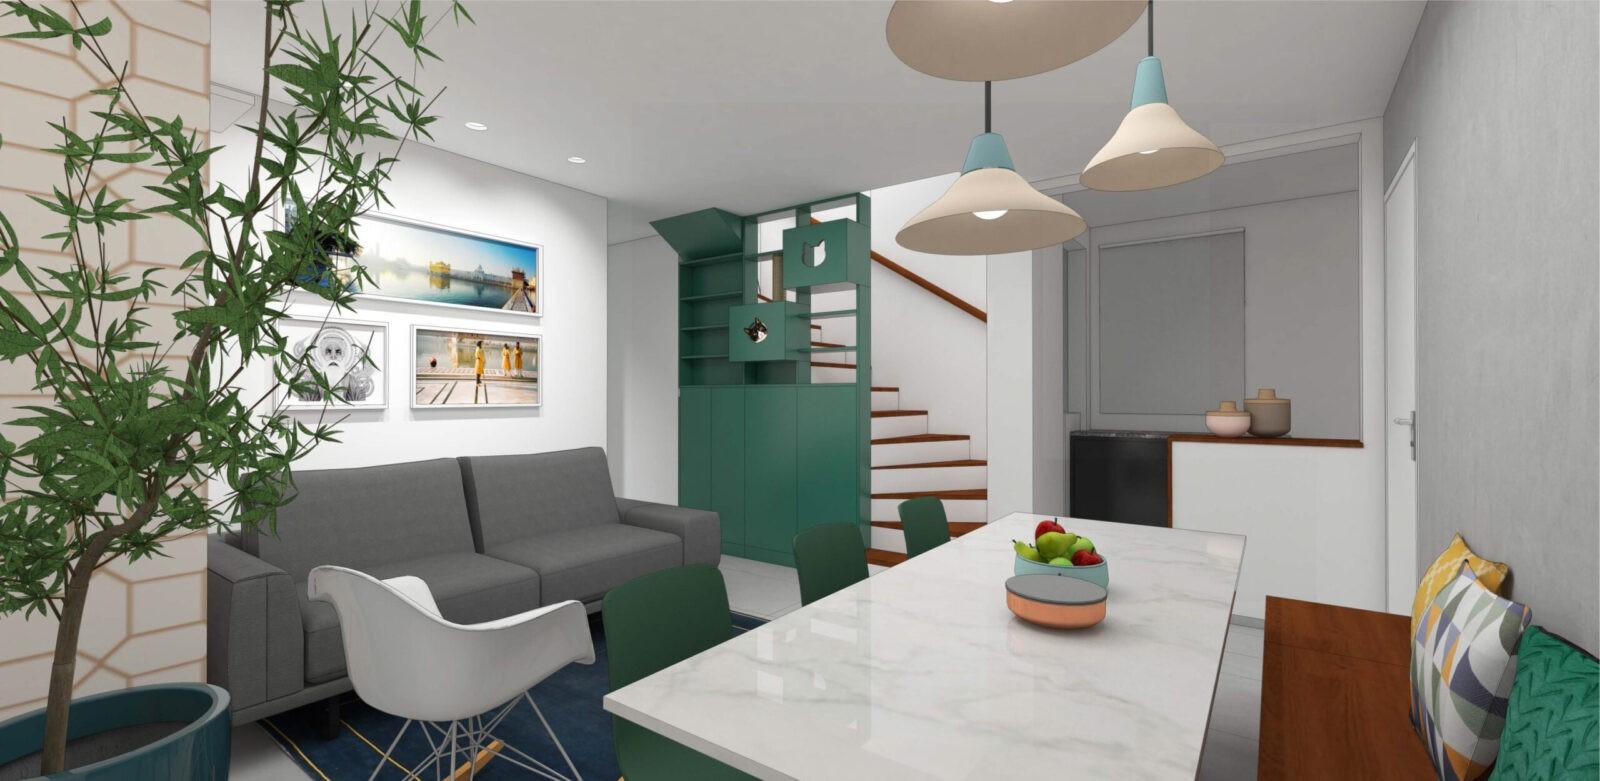 Projeto apartamento reforma arquitetura interiores decoração belo horizonte